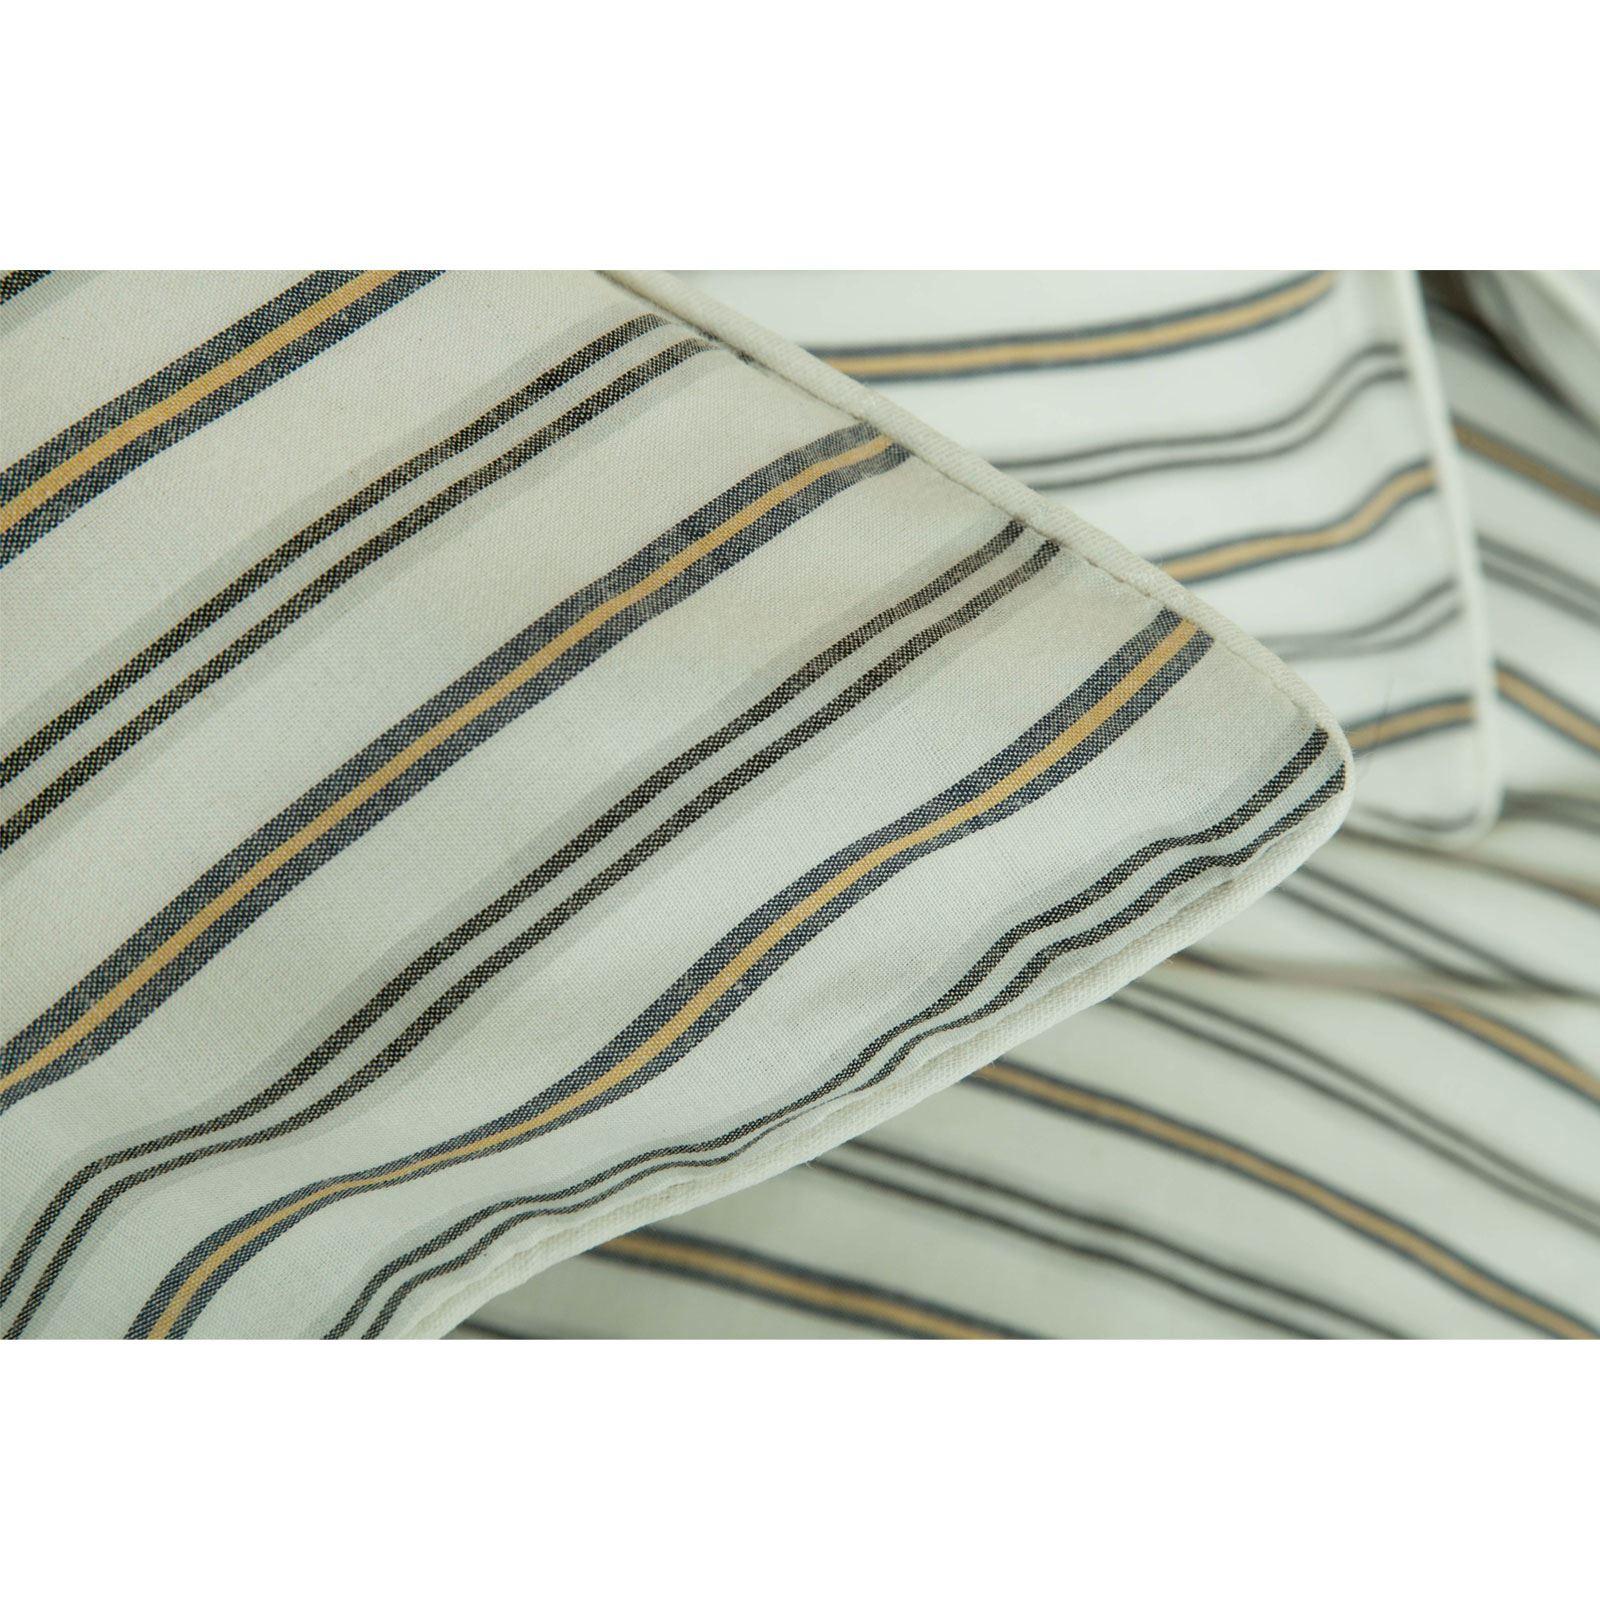 De-Lujo-Suave-Algodon-Rico-Tejido-Stripe-Multi-Funda-Nordica-Edredon-De-Rayas-Juego-De-Cama miniatura 15